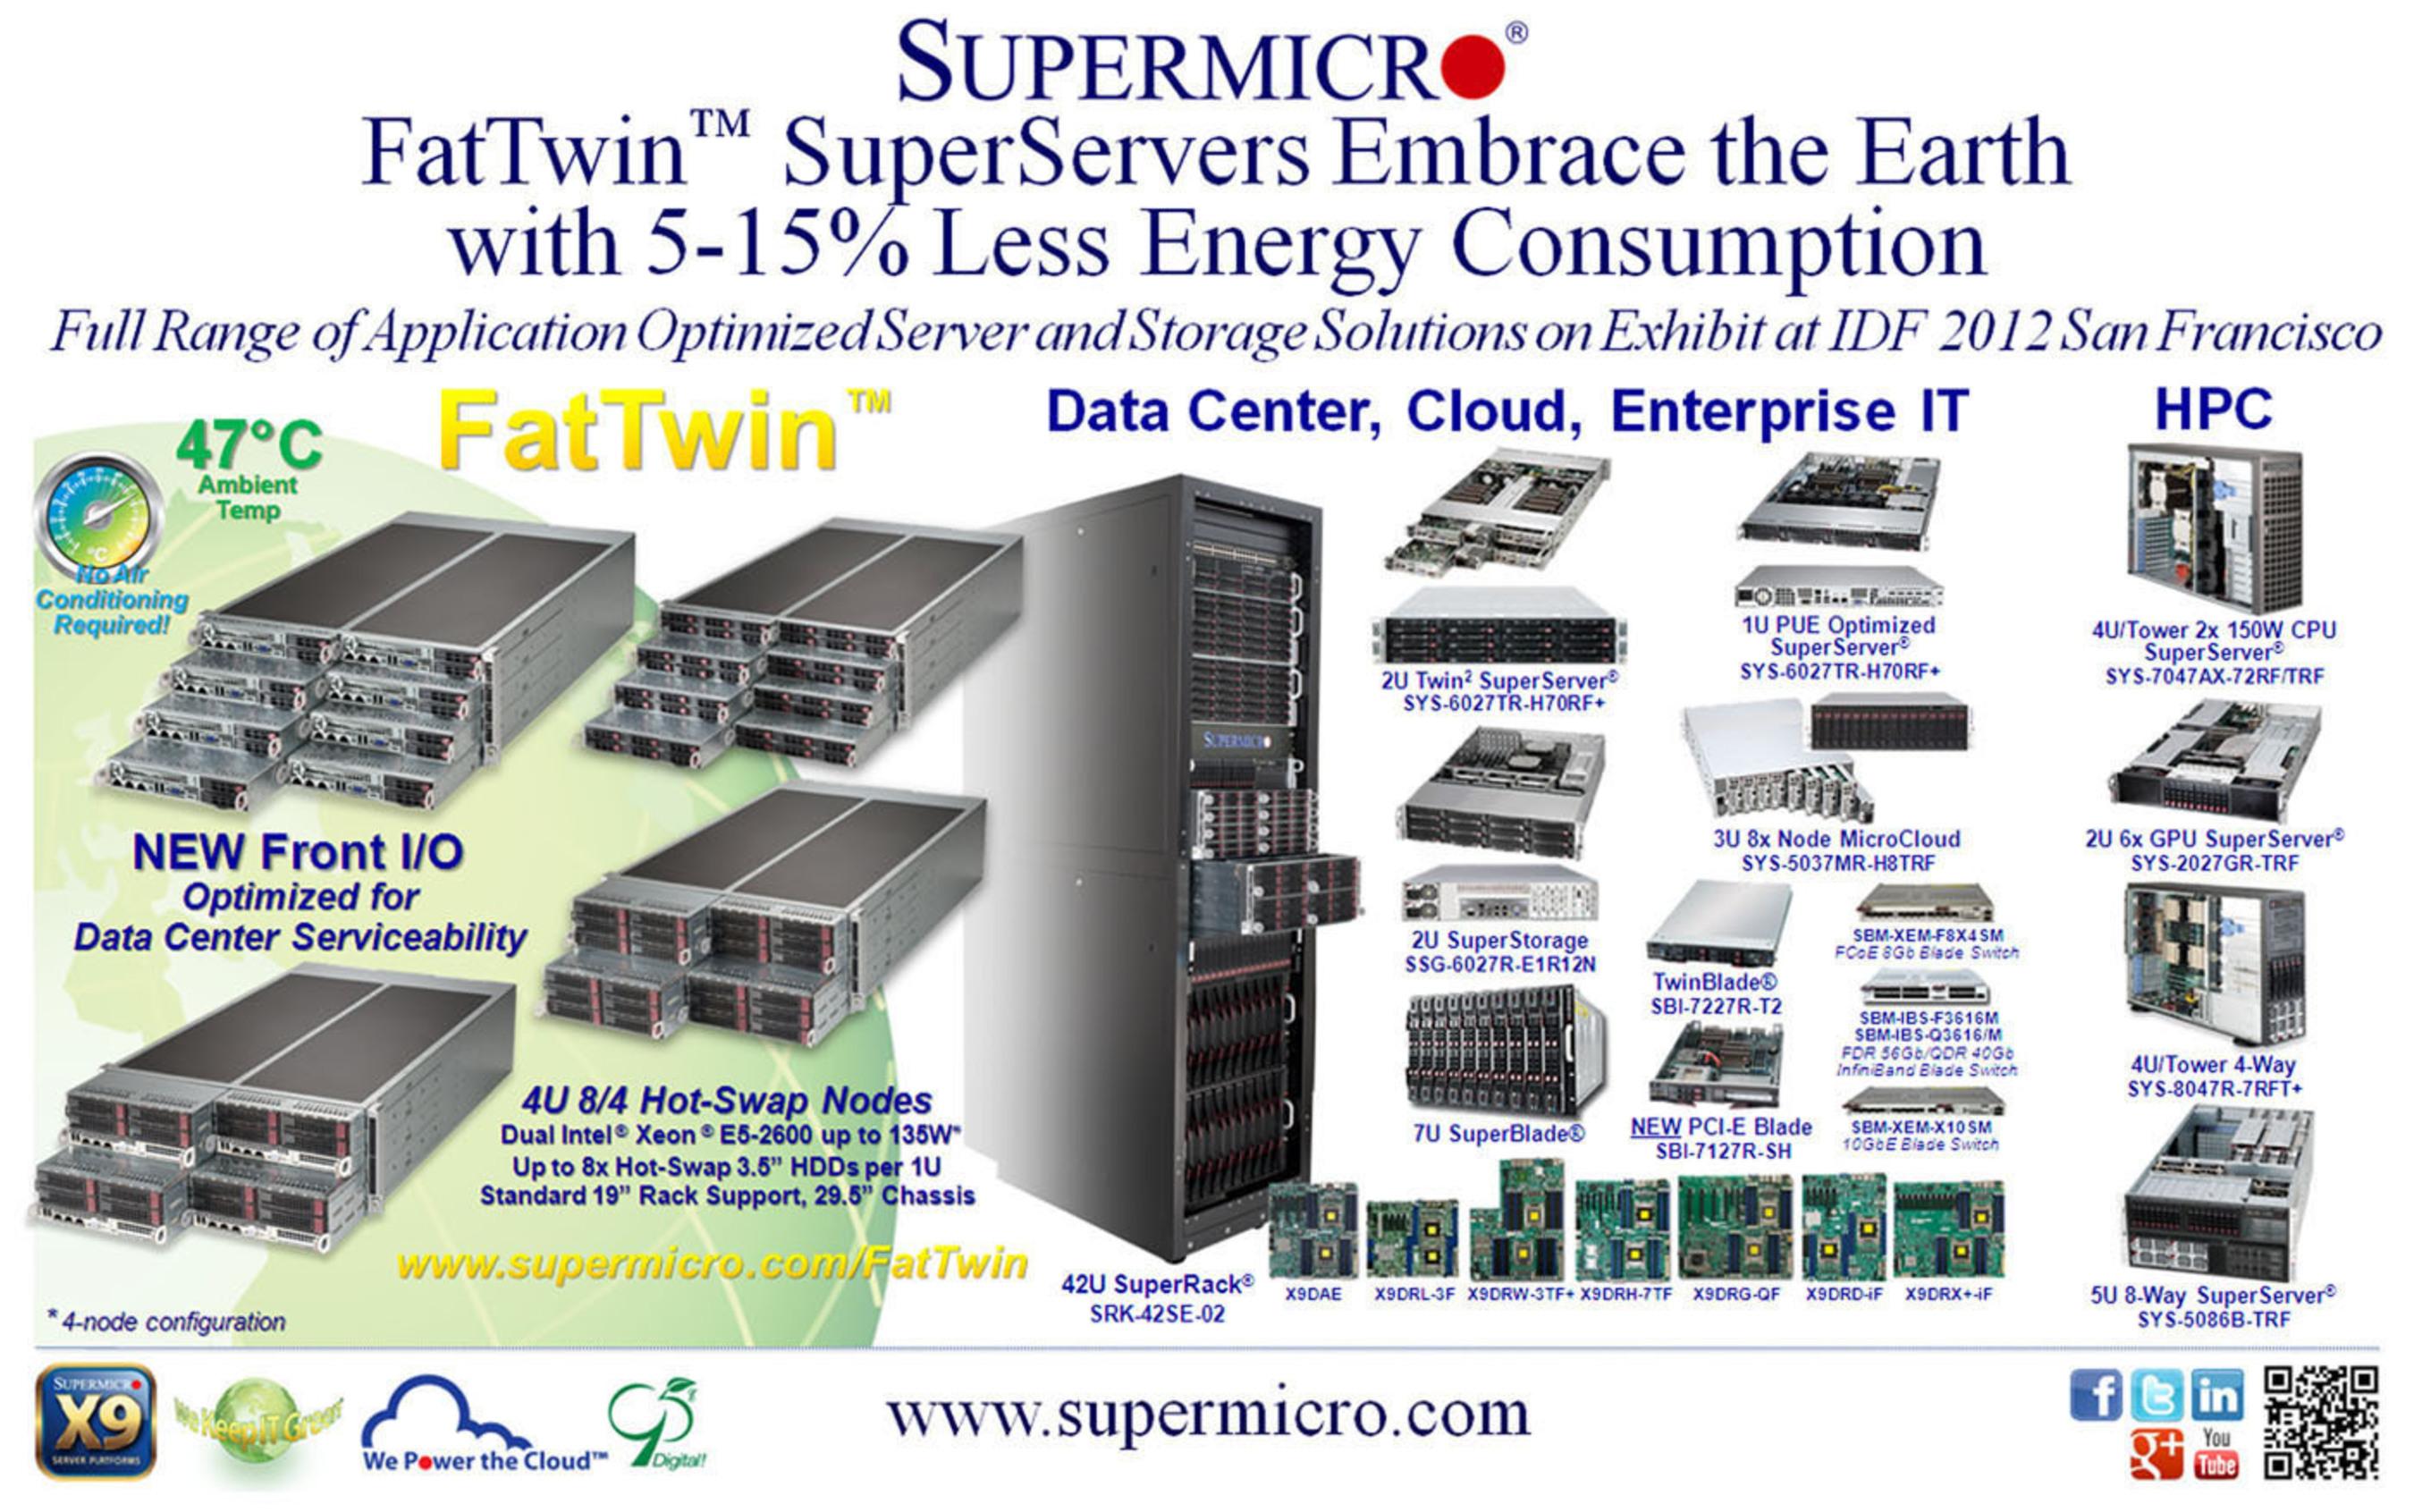 Il server FatTwin™ Supermicro® abbraccia la nostra Terra con un consumo energetico inferiore del